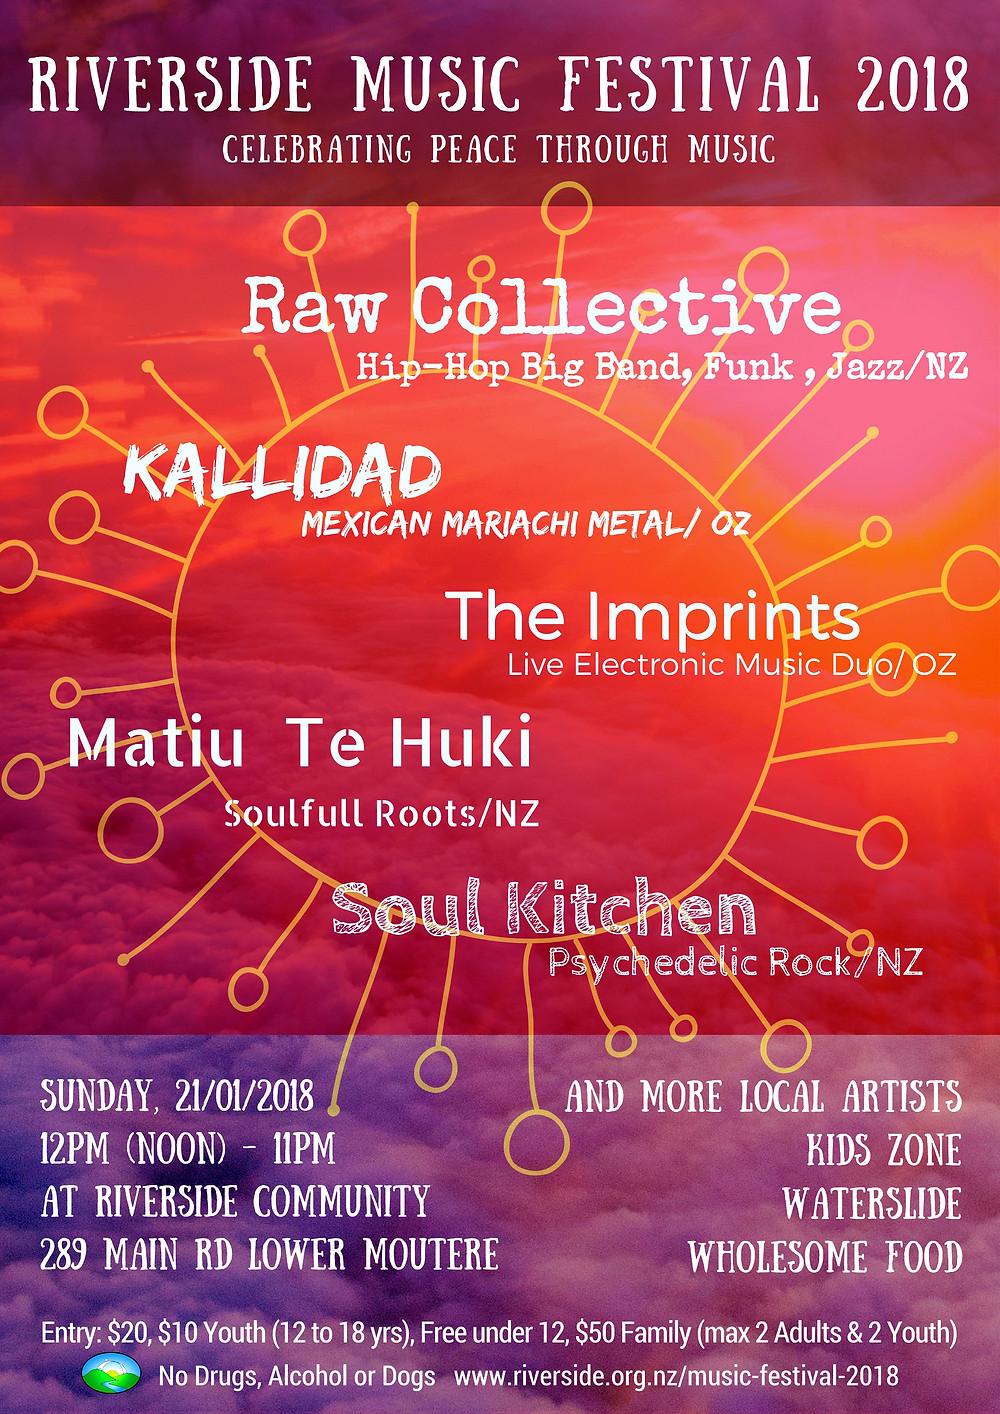 Riverside Music festival 2018 Poster